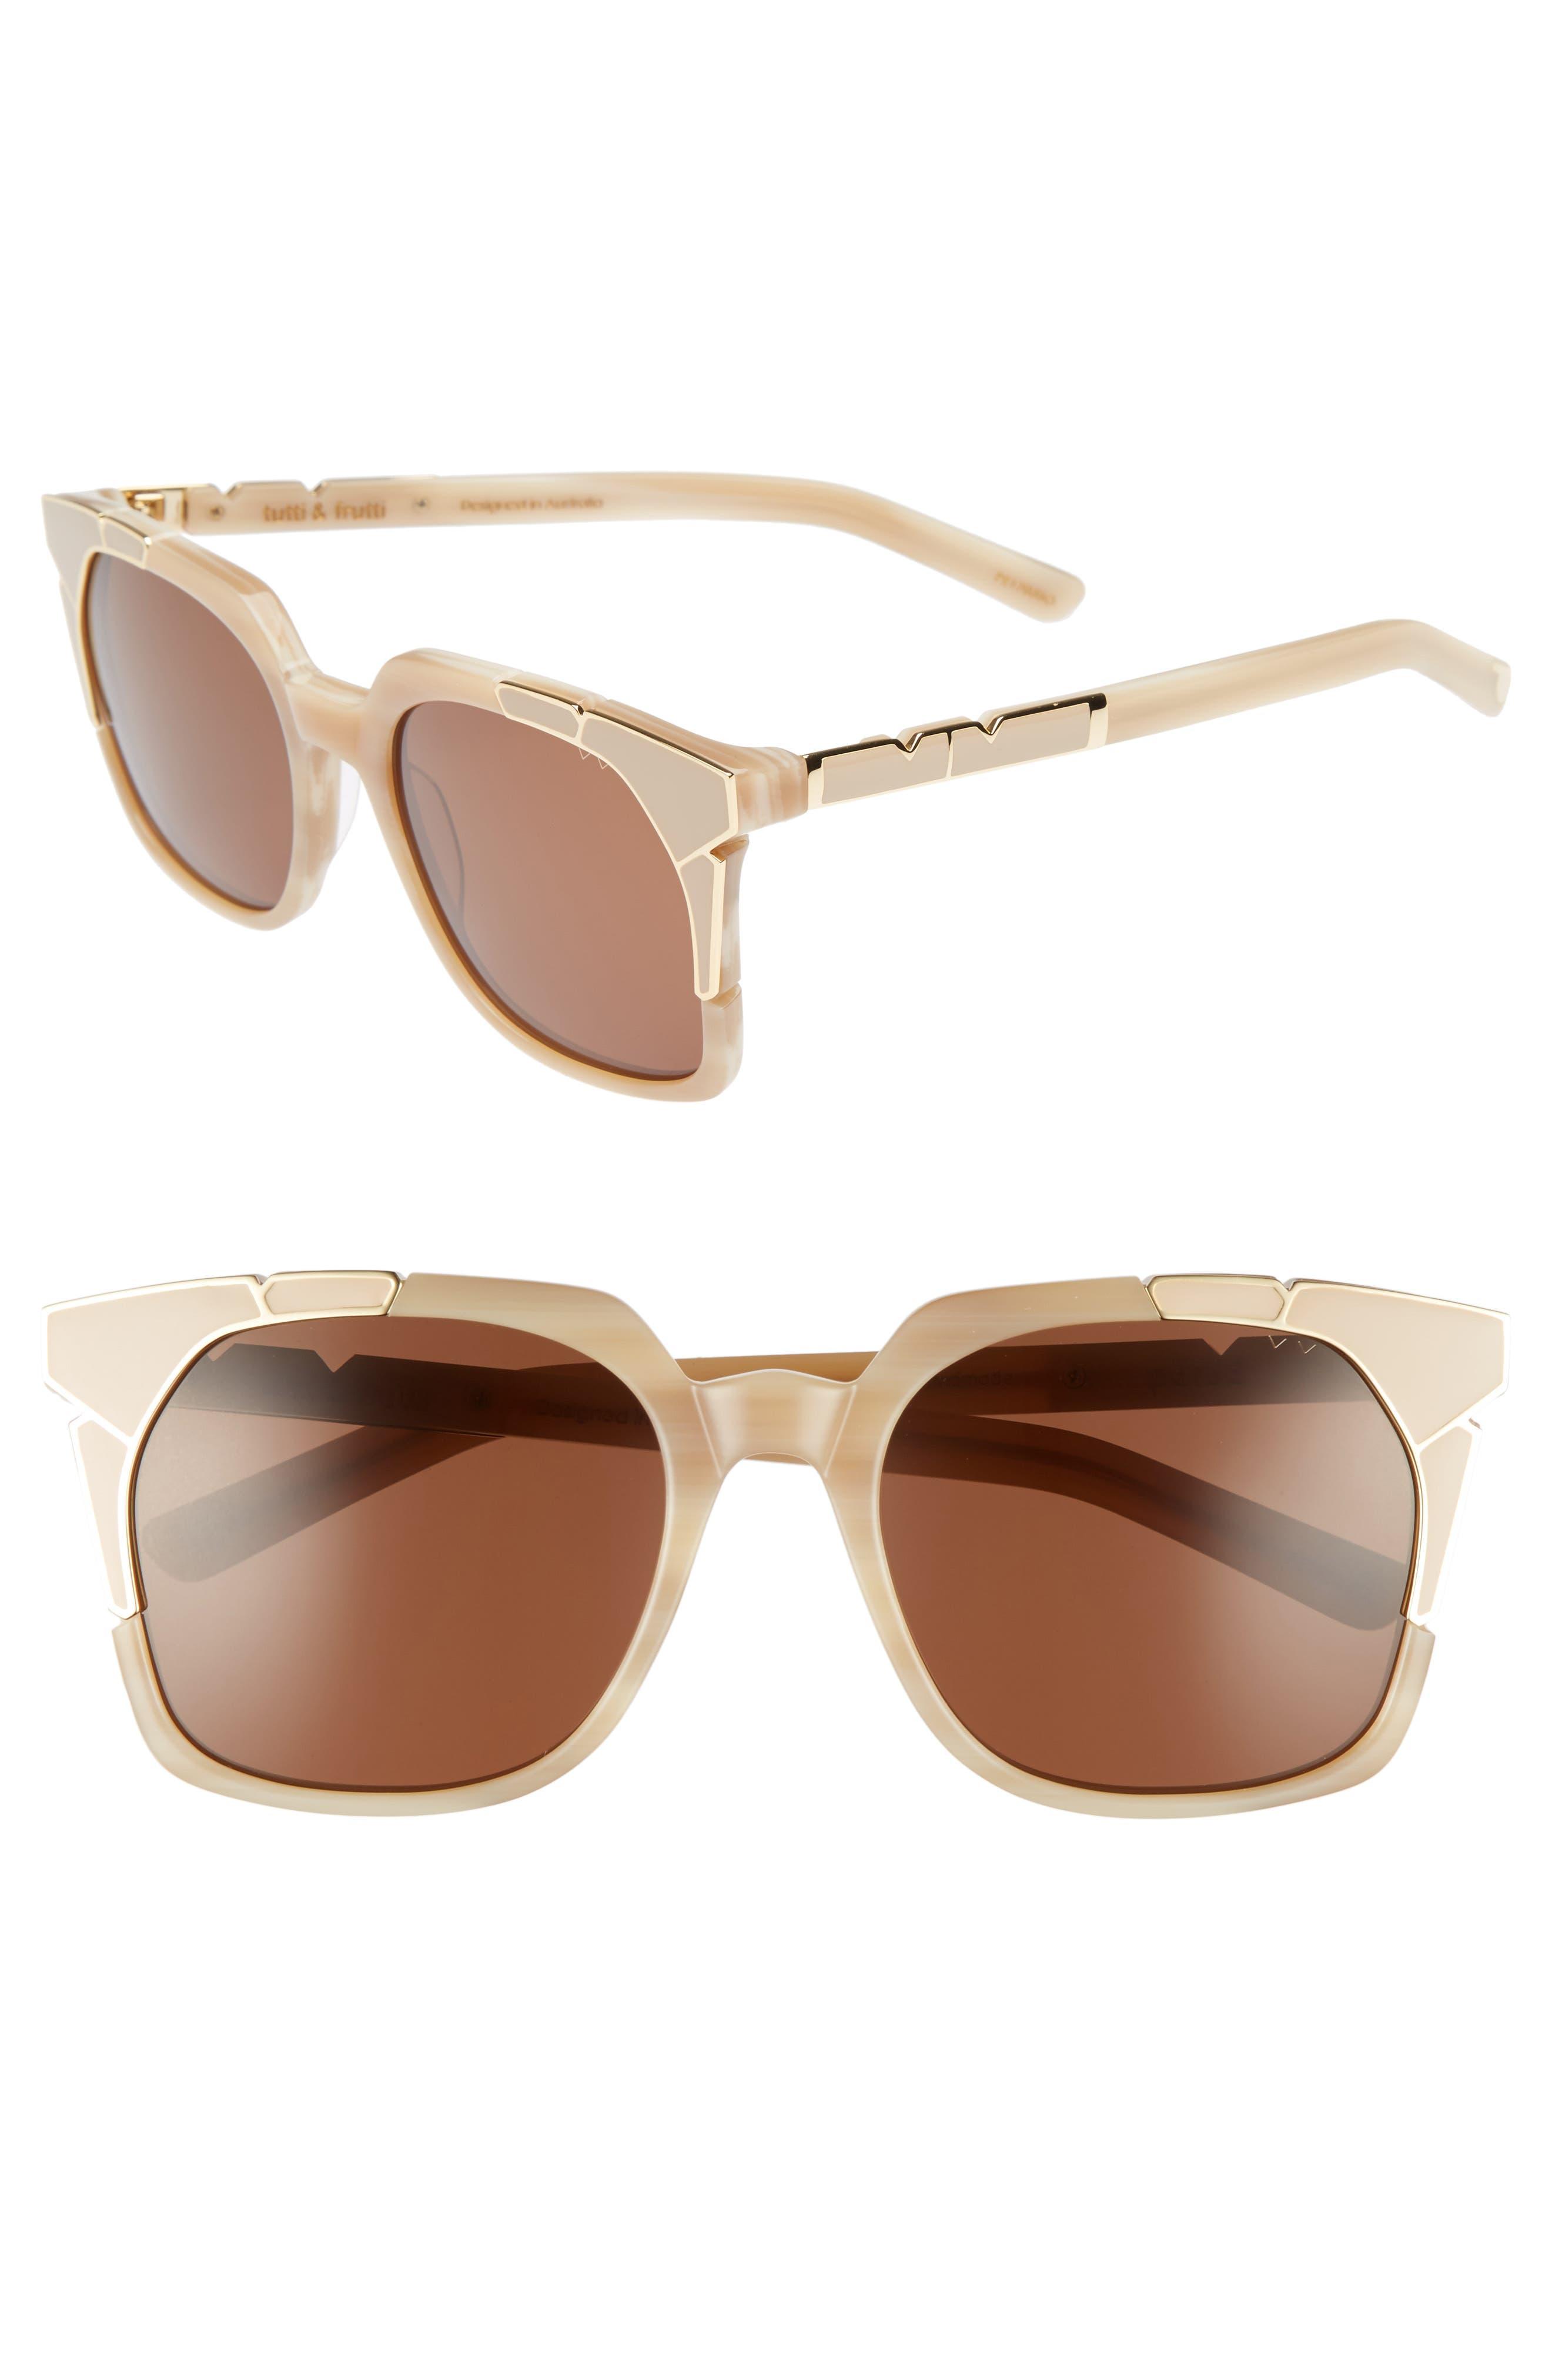 Main Image - Pared Tutti & Frutti 55mm Sunglasses